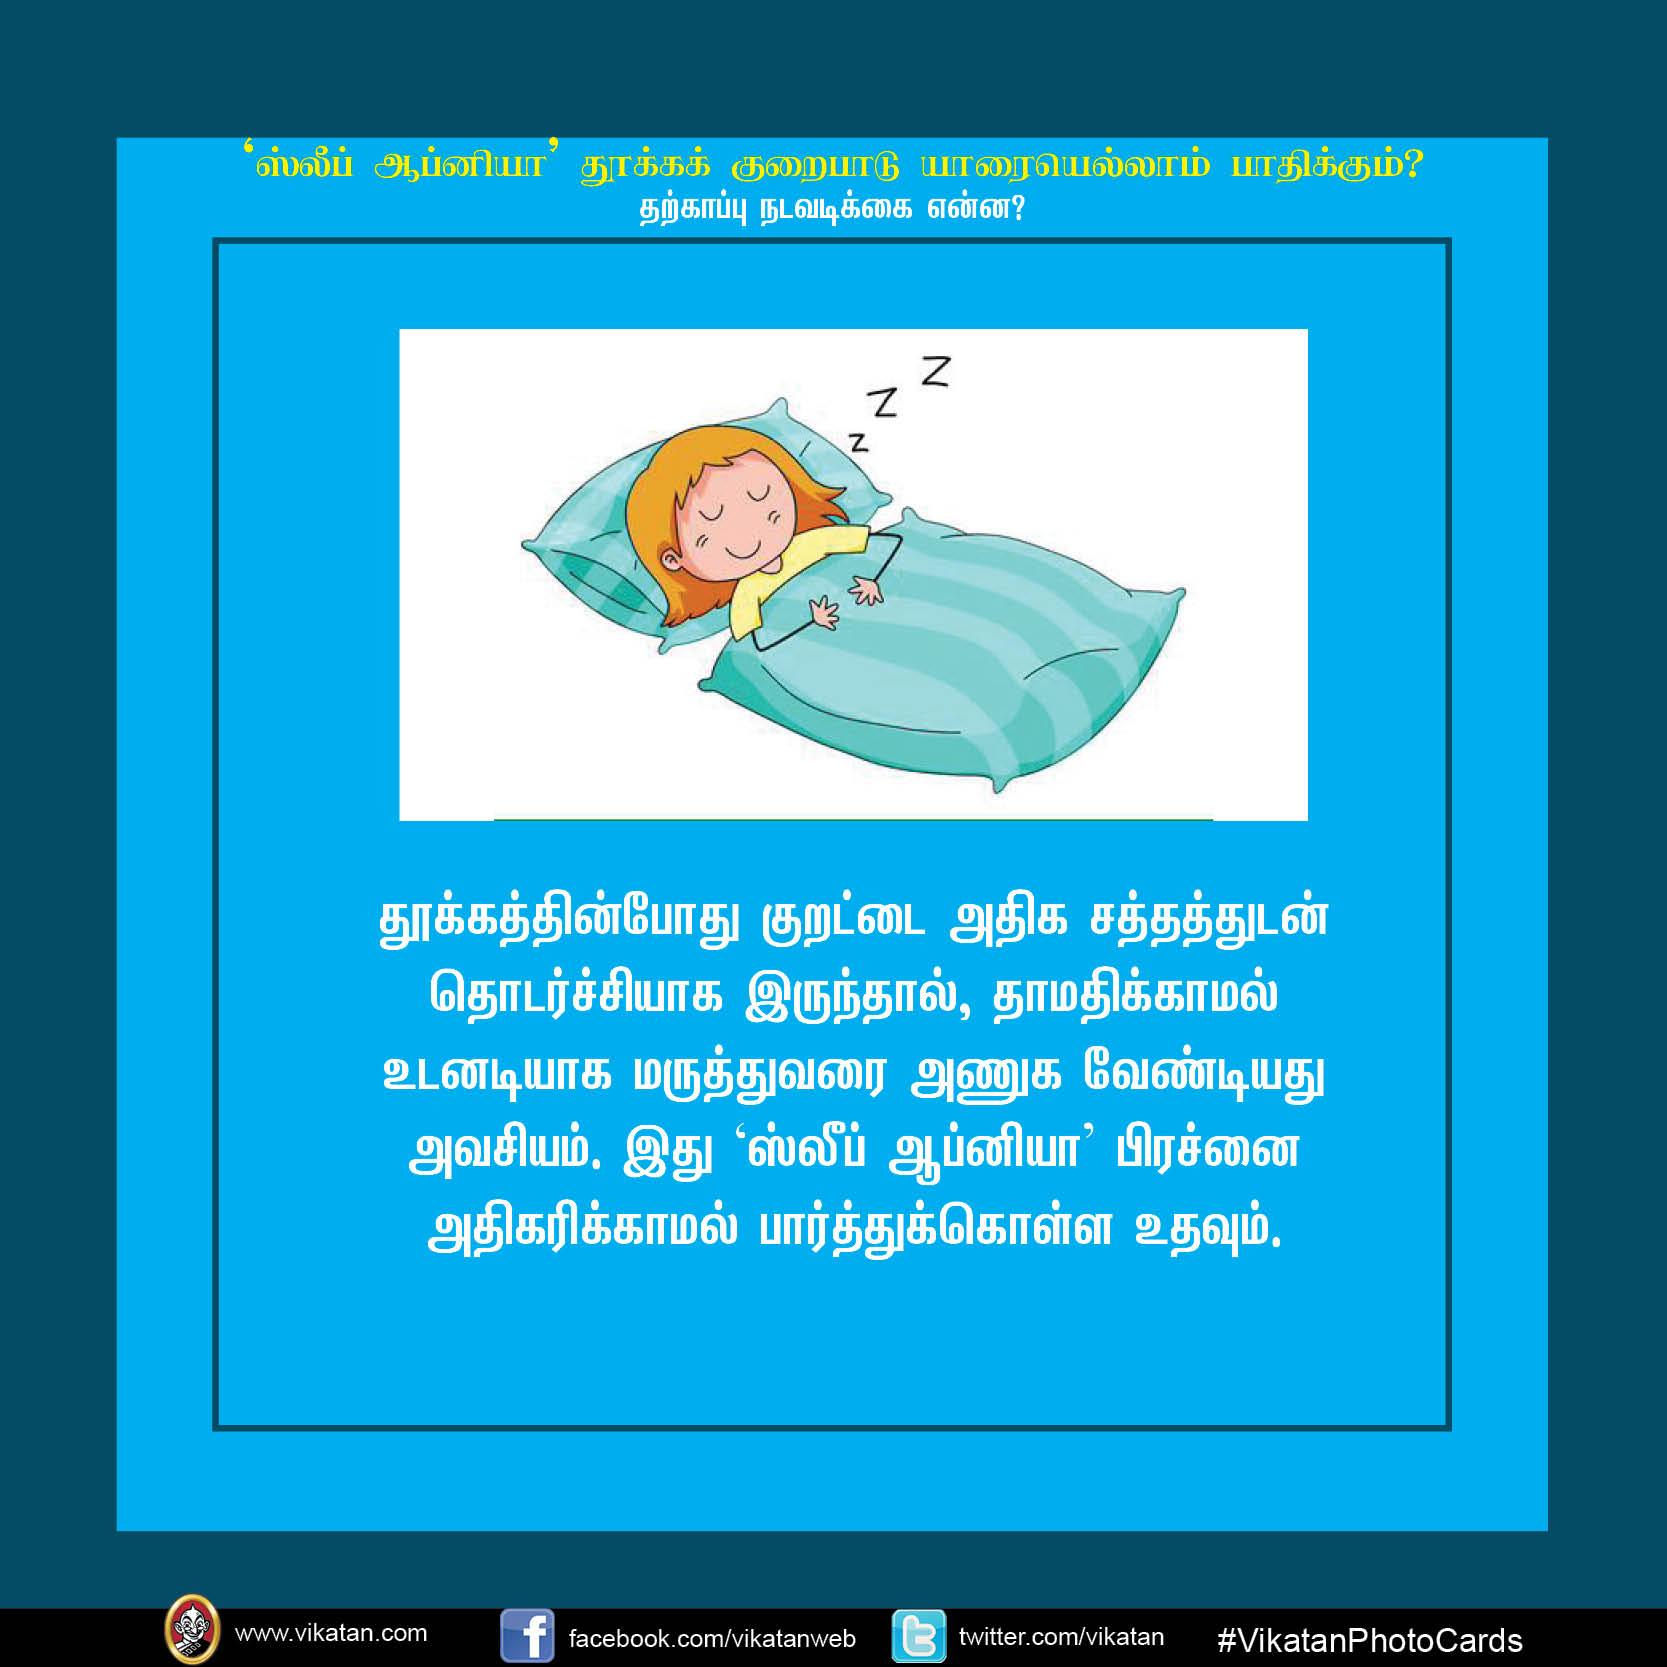 'ஸ்லீப் ஆப்னியா' தூக்க குறைபாடு யாரையெல்லாம் பாதிக்கும்? #VikatanPhotoCards